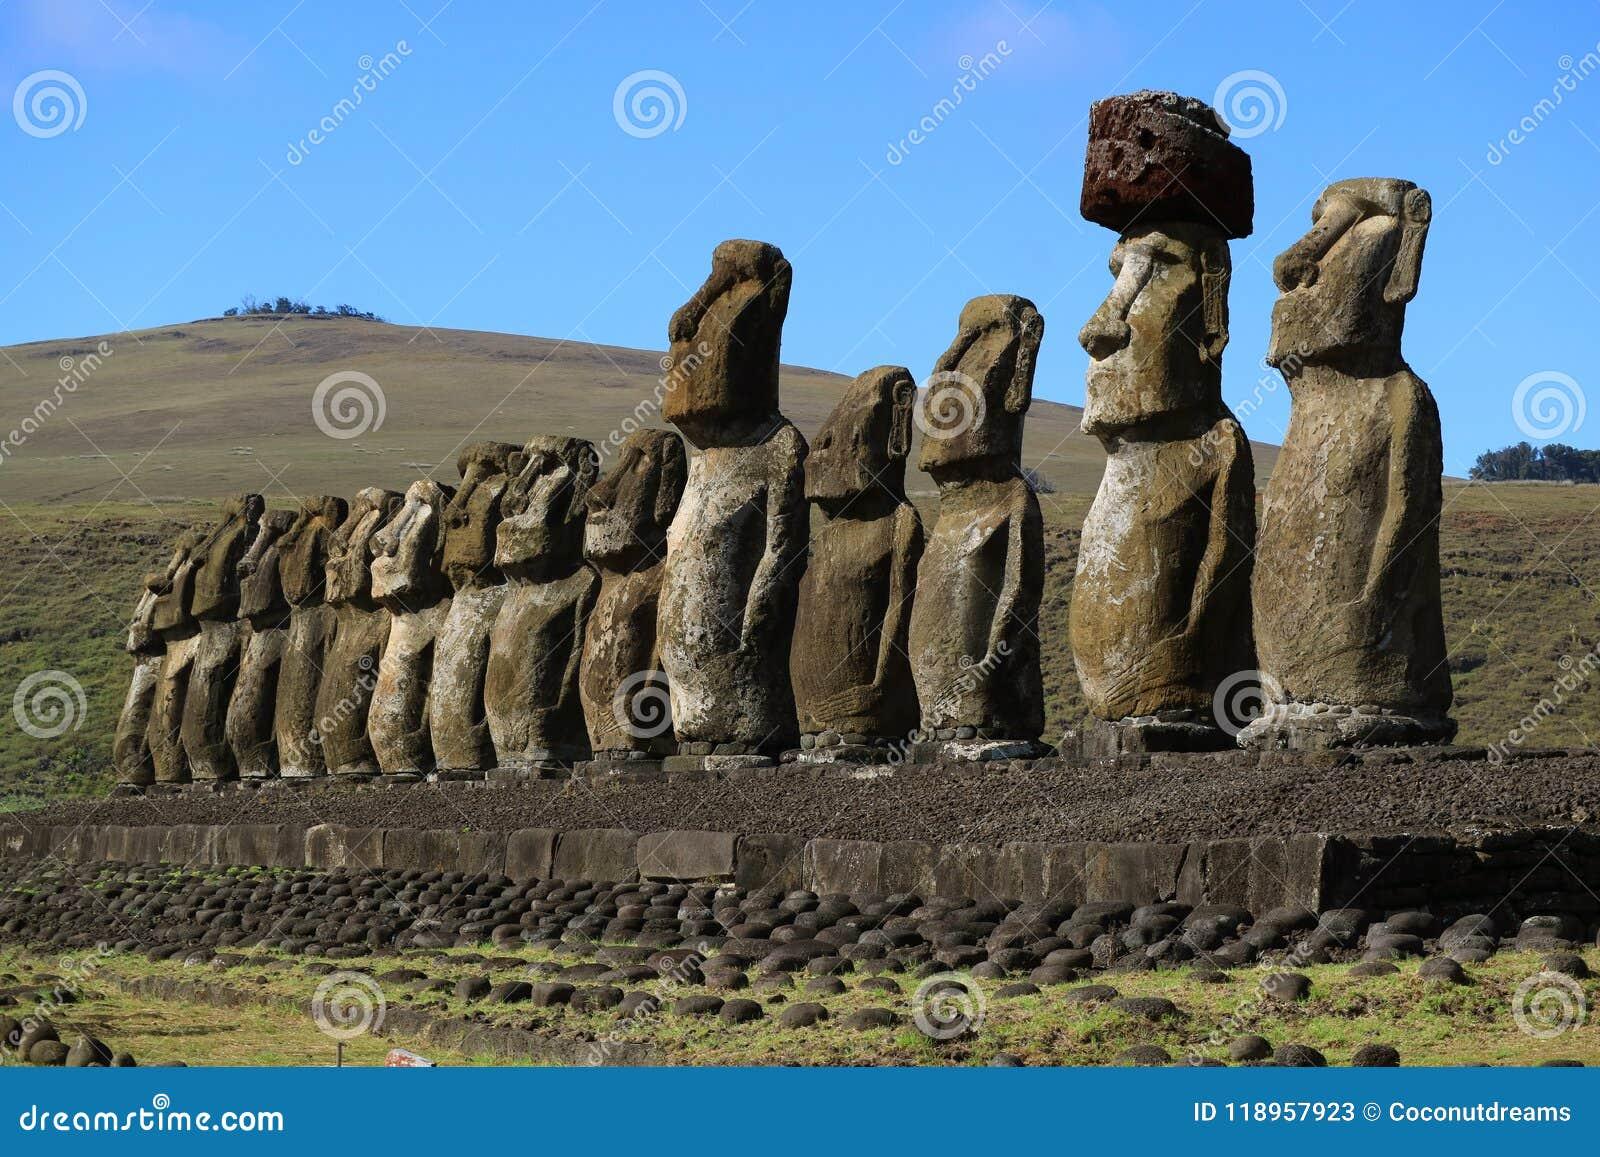 Ritebook: The 15 Moai, Ahu Tongariki | Easter Island